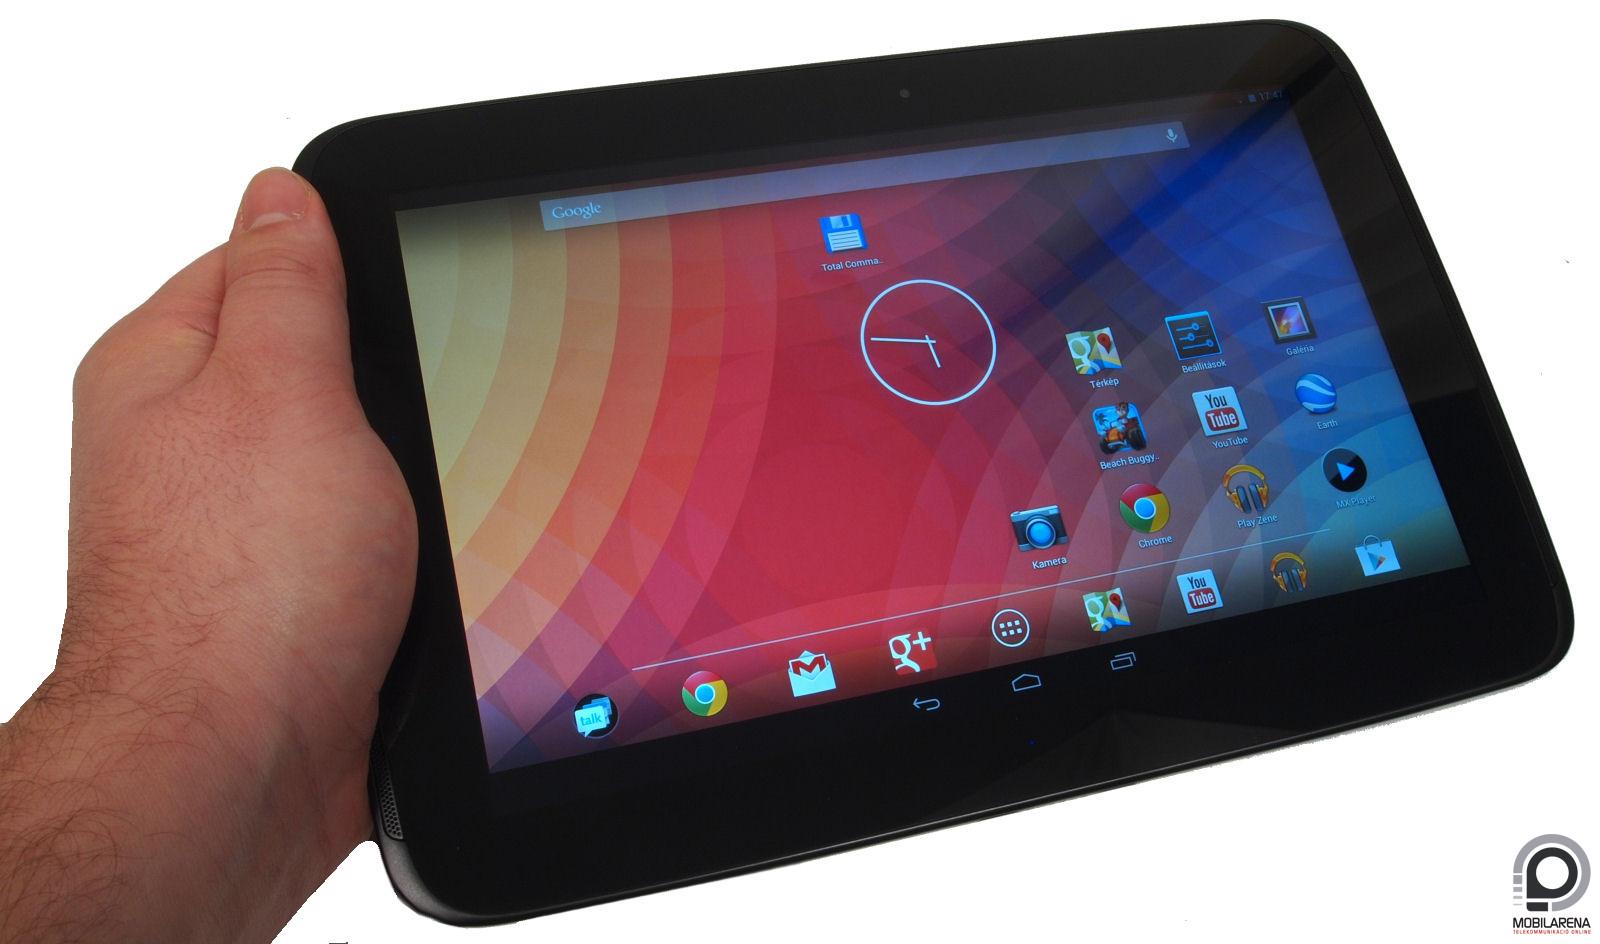 http://3.bp.blogspot.com/-7Bd0jm5k9pA/UWw_eoYLmhI/AAAAAAAATzQ/E4wdlNVI6_o/s1600/Samsung+Google+Nexus+1015.JPG